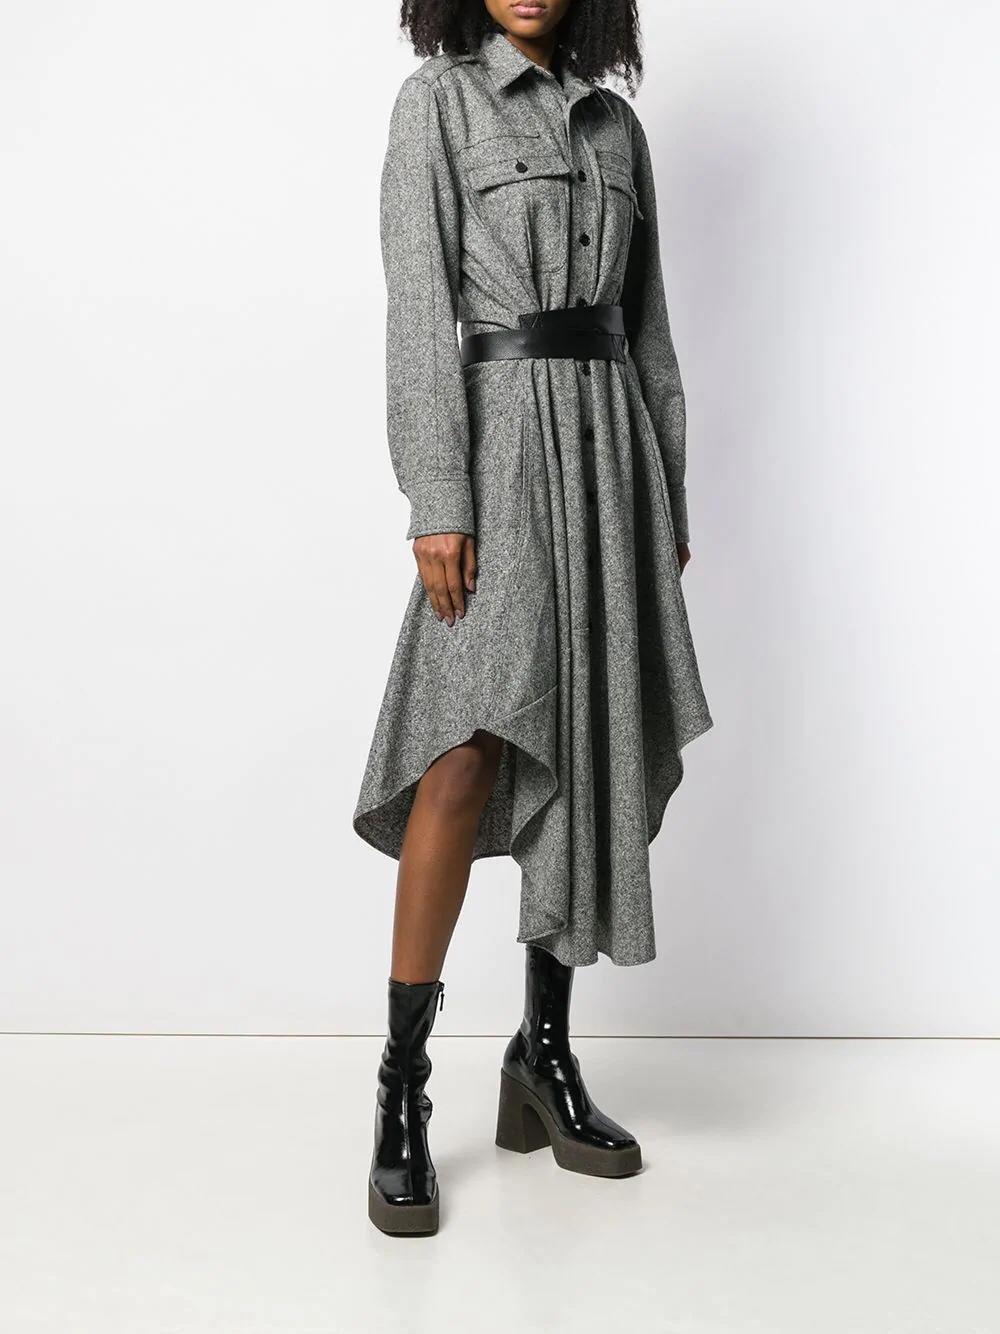 Langarm kleid graben mantel stil leder gürtel design wolle mischung stoff benutzerdefinierte-in T-Shirts aus Damenbekleidung bei  Gruppe 1